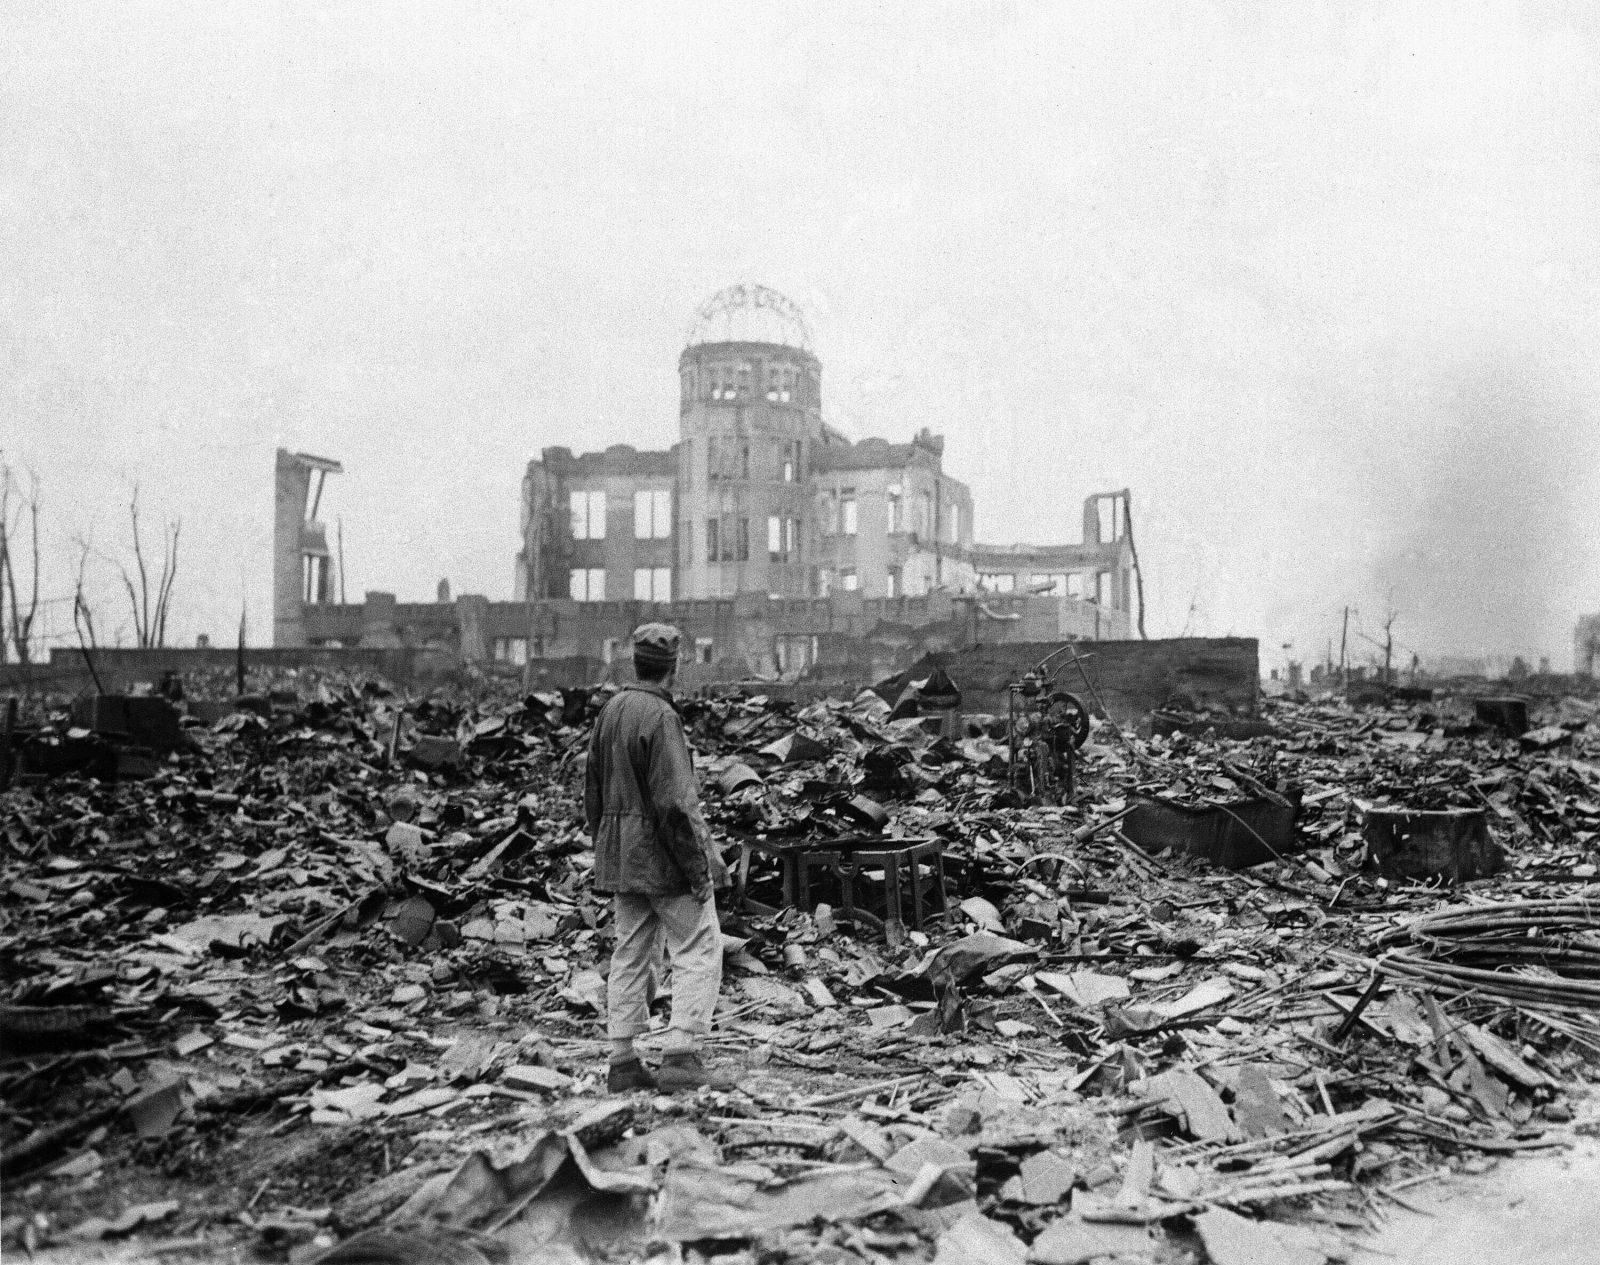 Die japanische Stadt Hiroshima wurde durch die Atombombe zerstört Foto: picture alliance / AP Photo